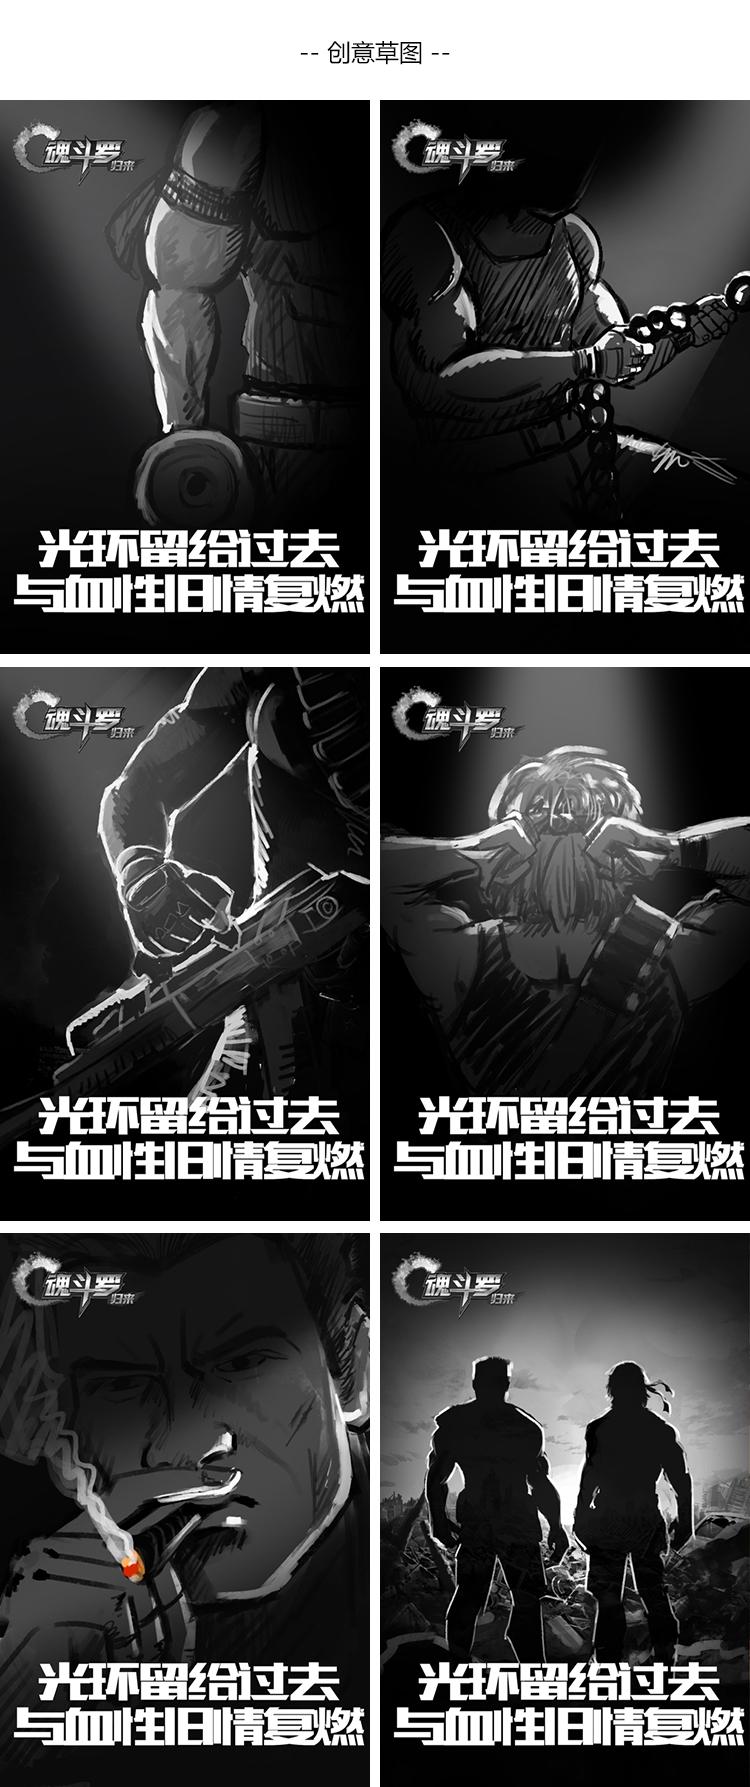 查看《WISEMIND - 魂斗罗系列海报》原图,原图尺寸:750x1787